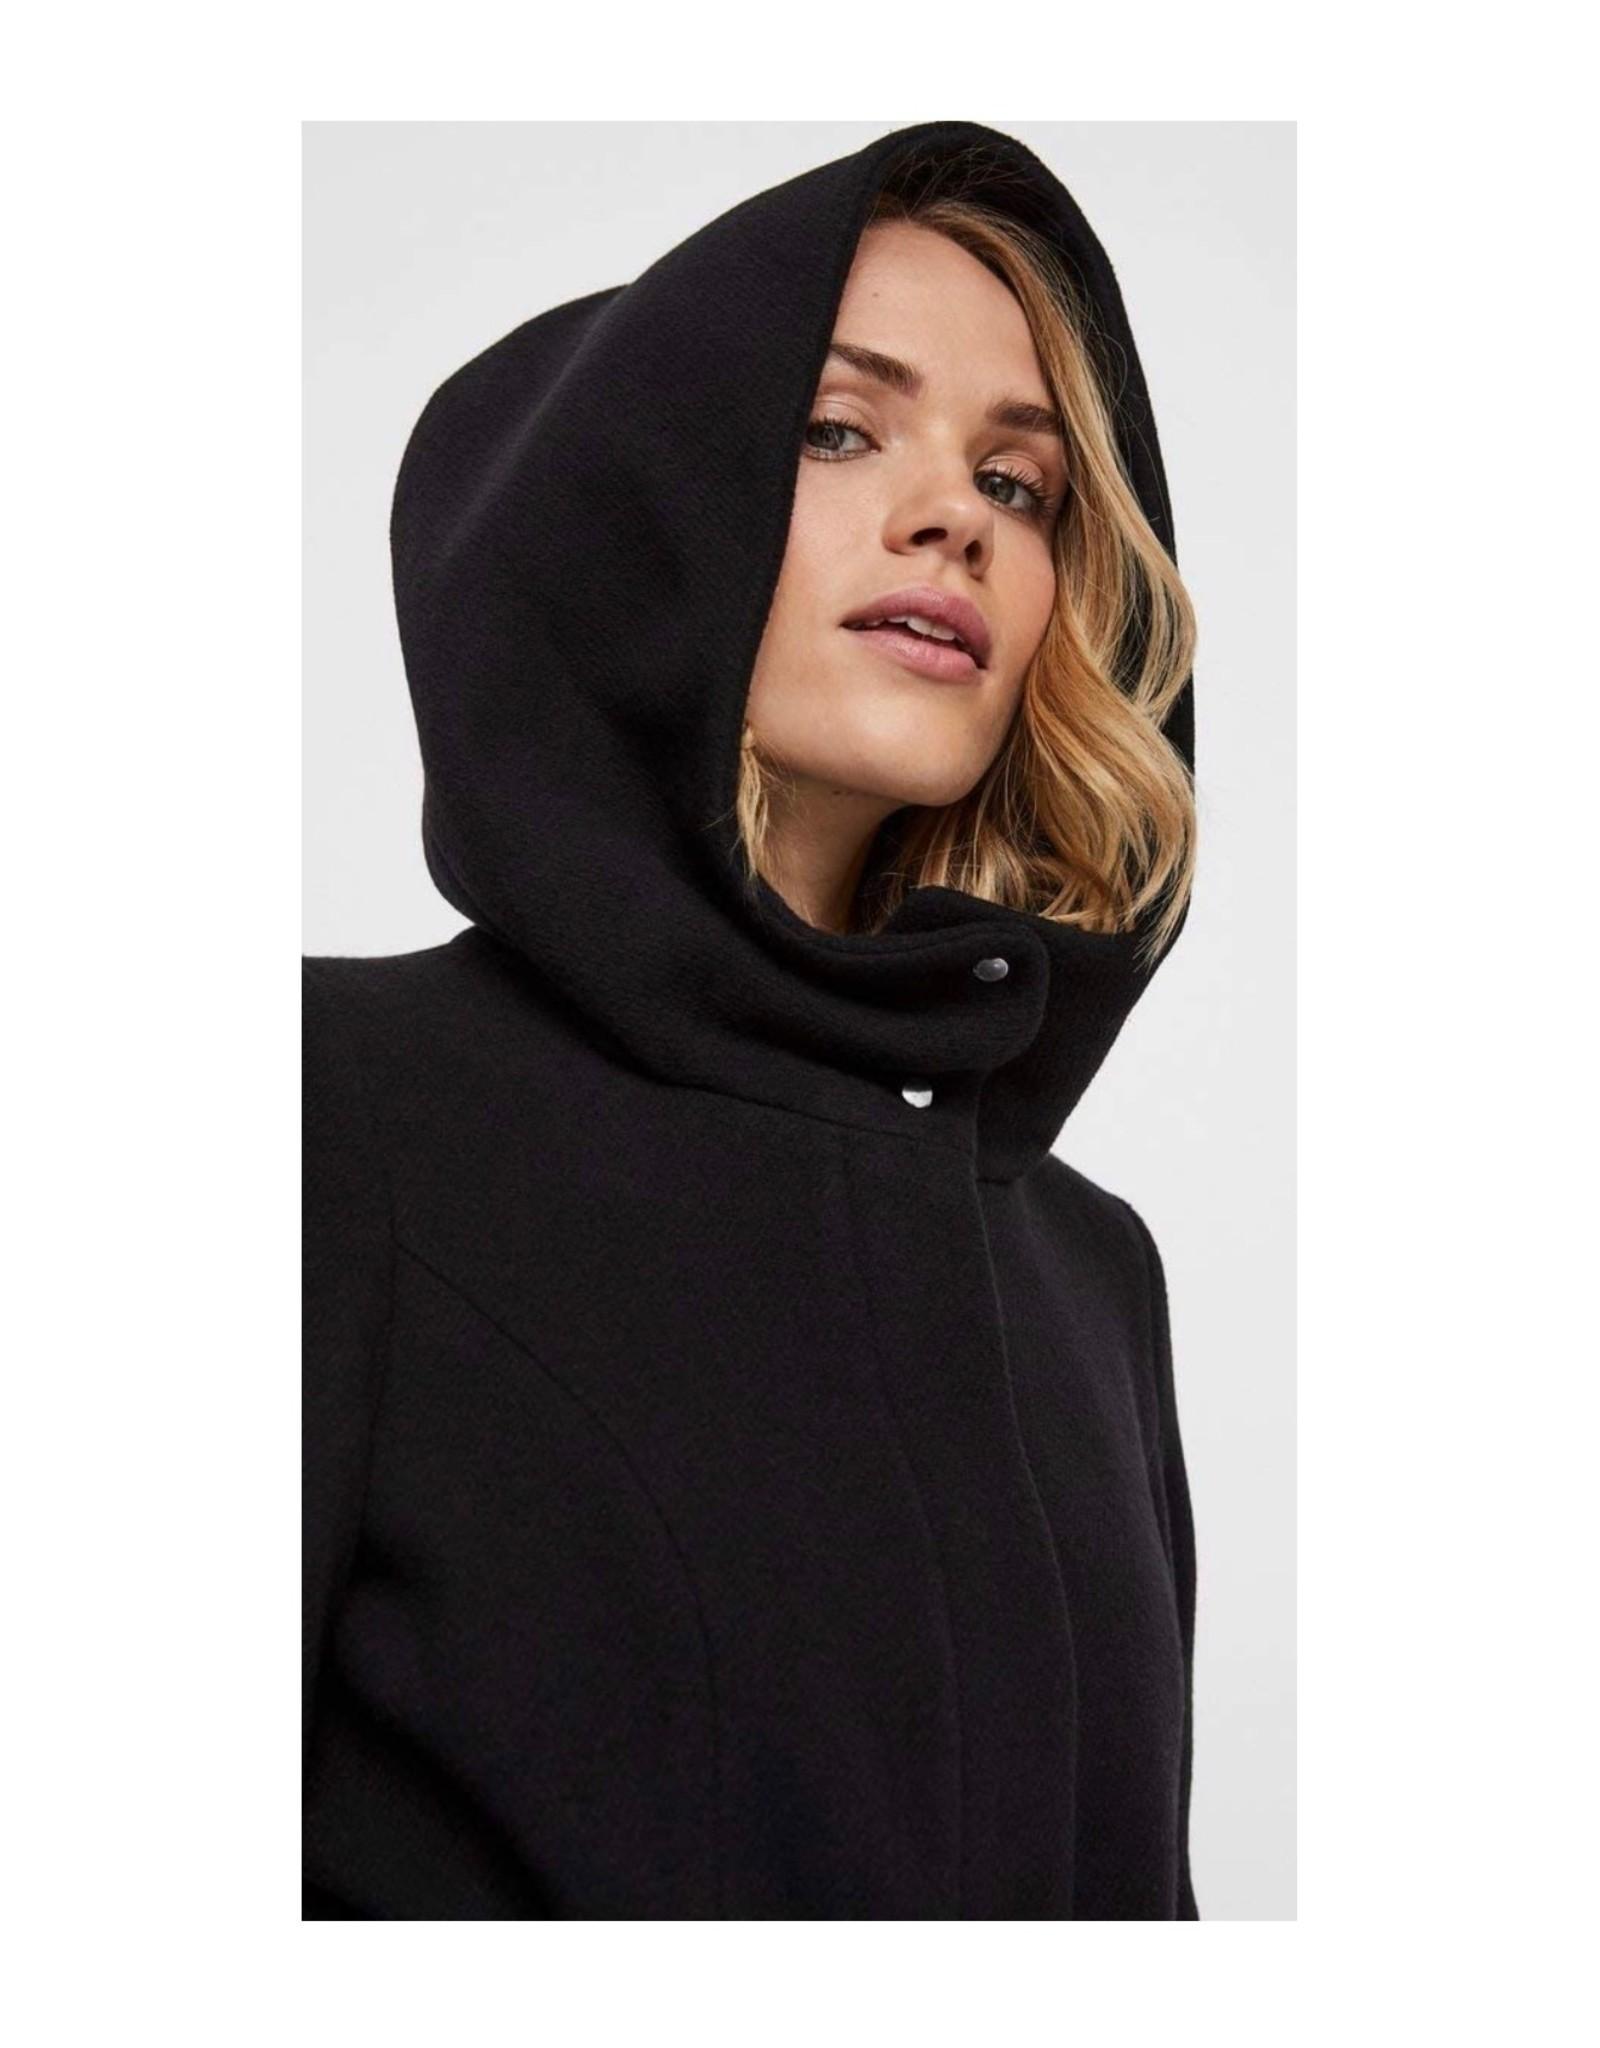 VERA MODA The Olivia Jacket